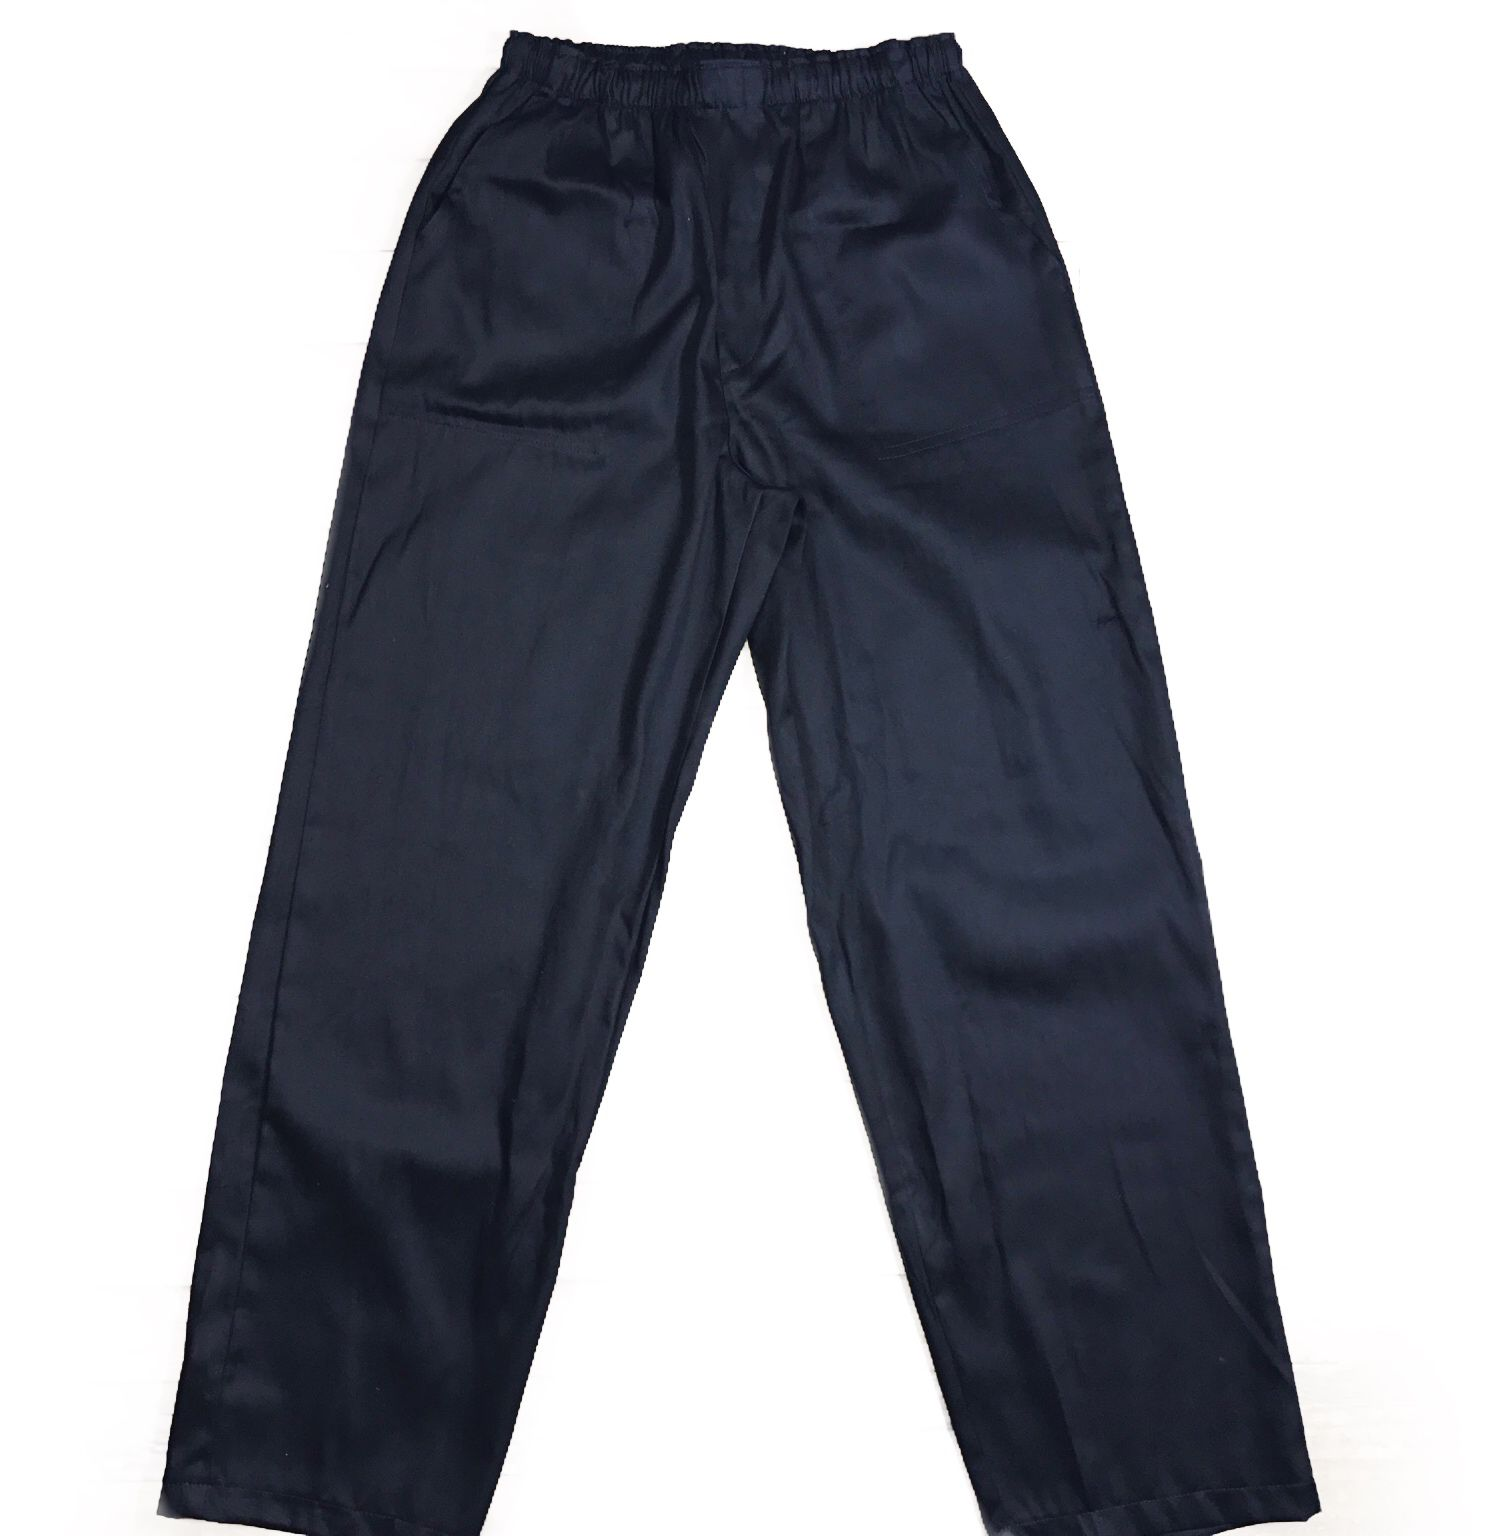 Calça Confort UNISEX PRETA com dois bolsos faca na frente e cordão ROSA Tecido Sarja 100% Algodão